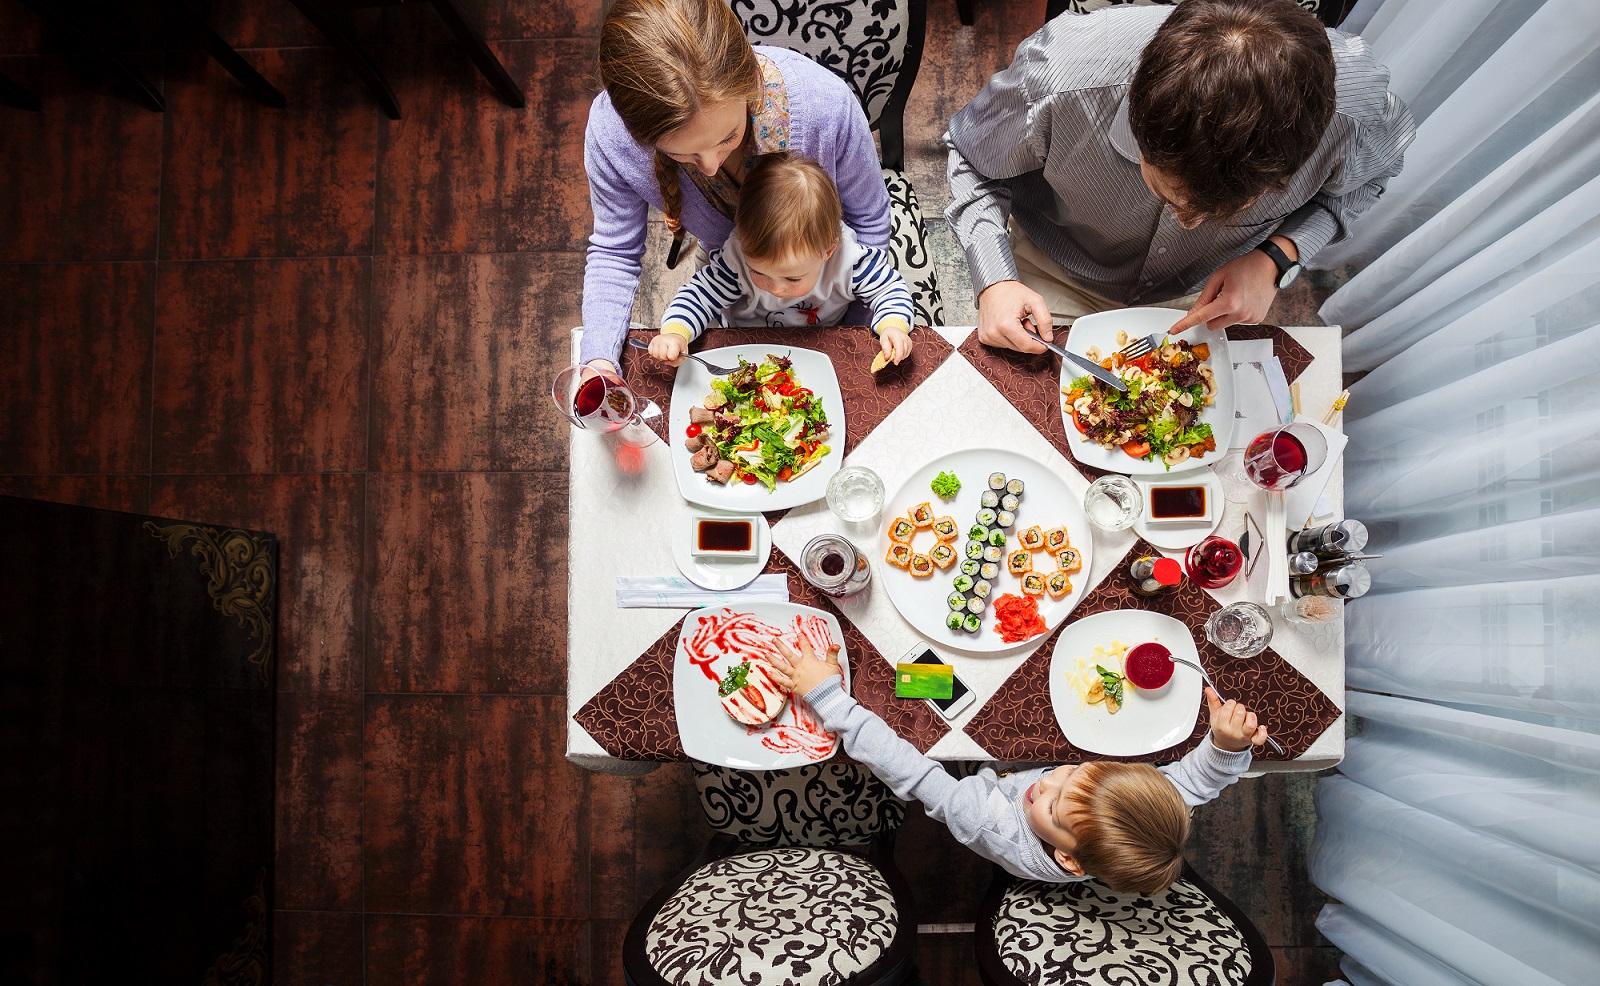 família jantando no restaurante